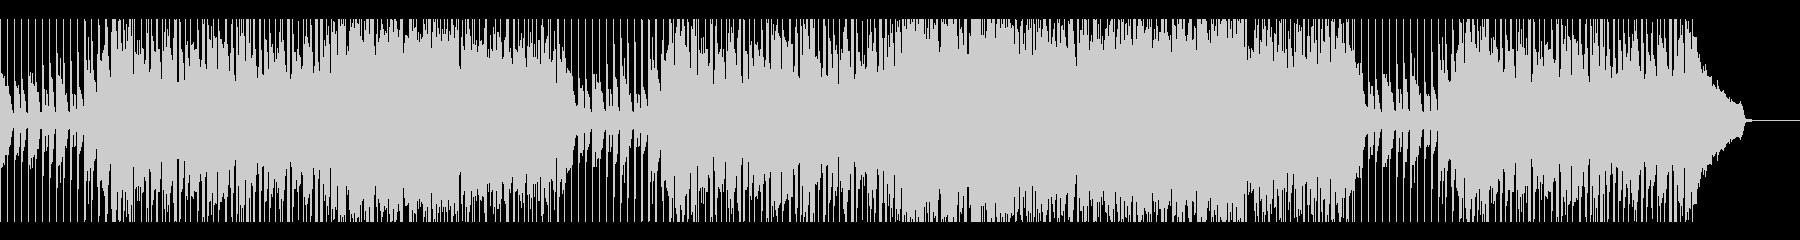 アグレッシブなカッコイイピアノとドラム。の未再生の波形